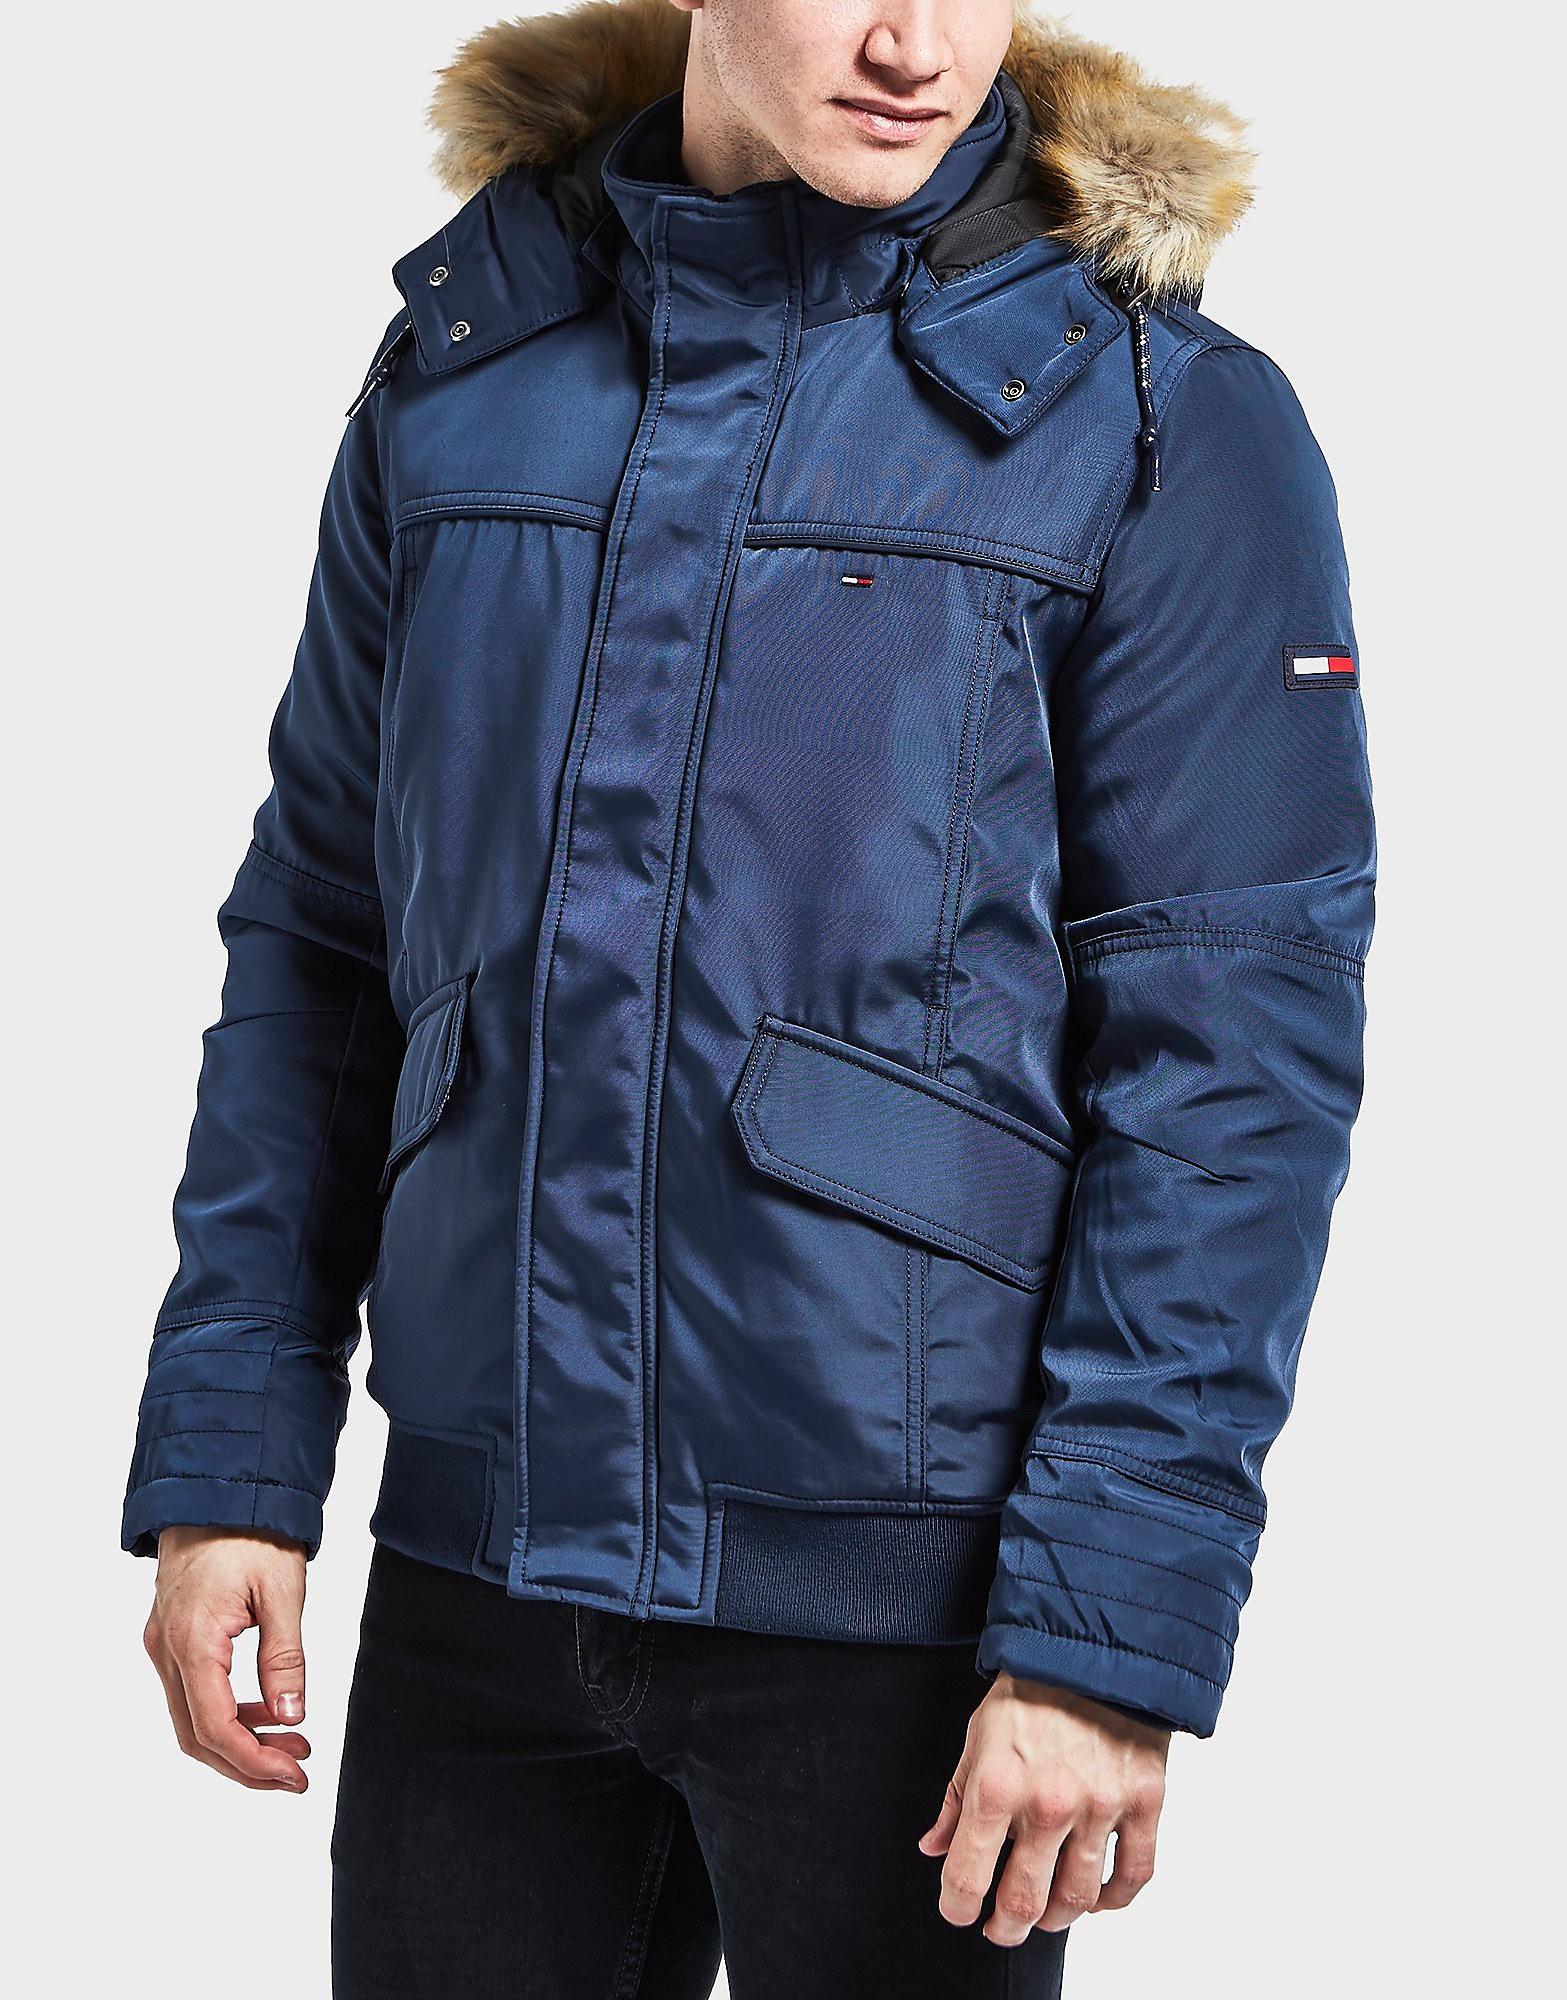 Tommy Hilfiger Fur Hooded Bomber Jacket